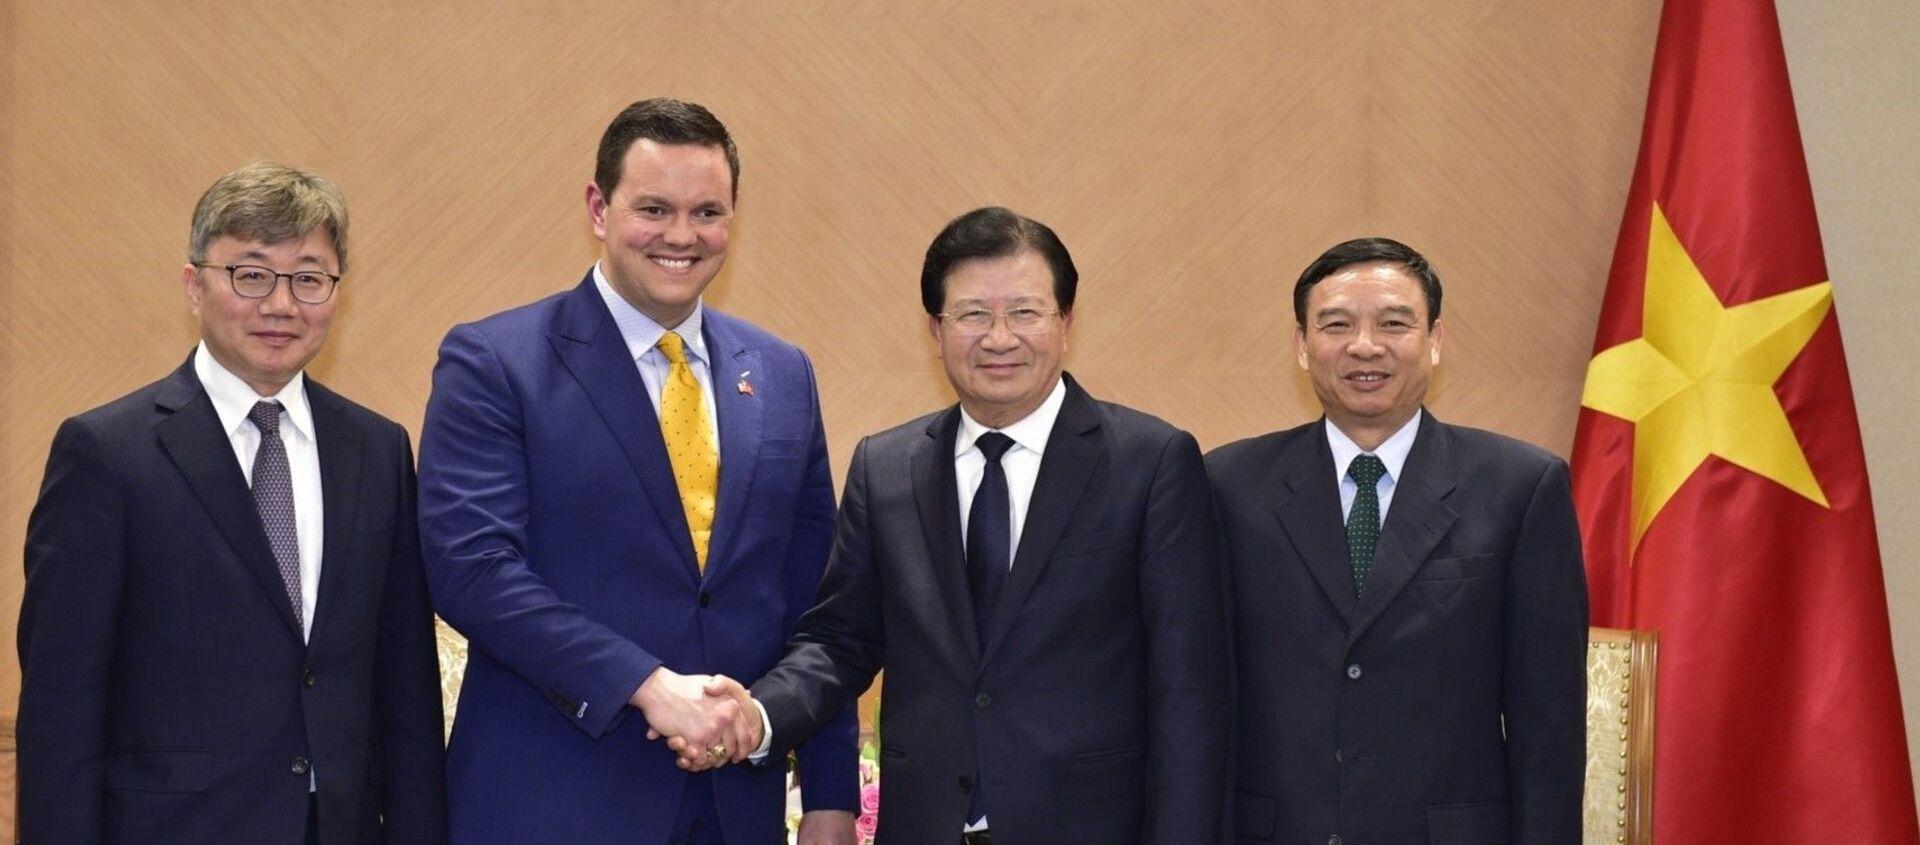 Phó Thủ tướng Trịnh Đình Dũng tiếp Nhóm nhà đầu tư Công ty Energy Capital Vietnam của Hoa Kỳ - Sputnik Việt Nam, 1920, 11.02.2020